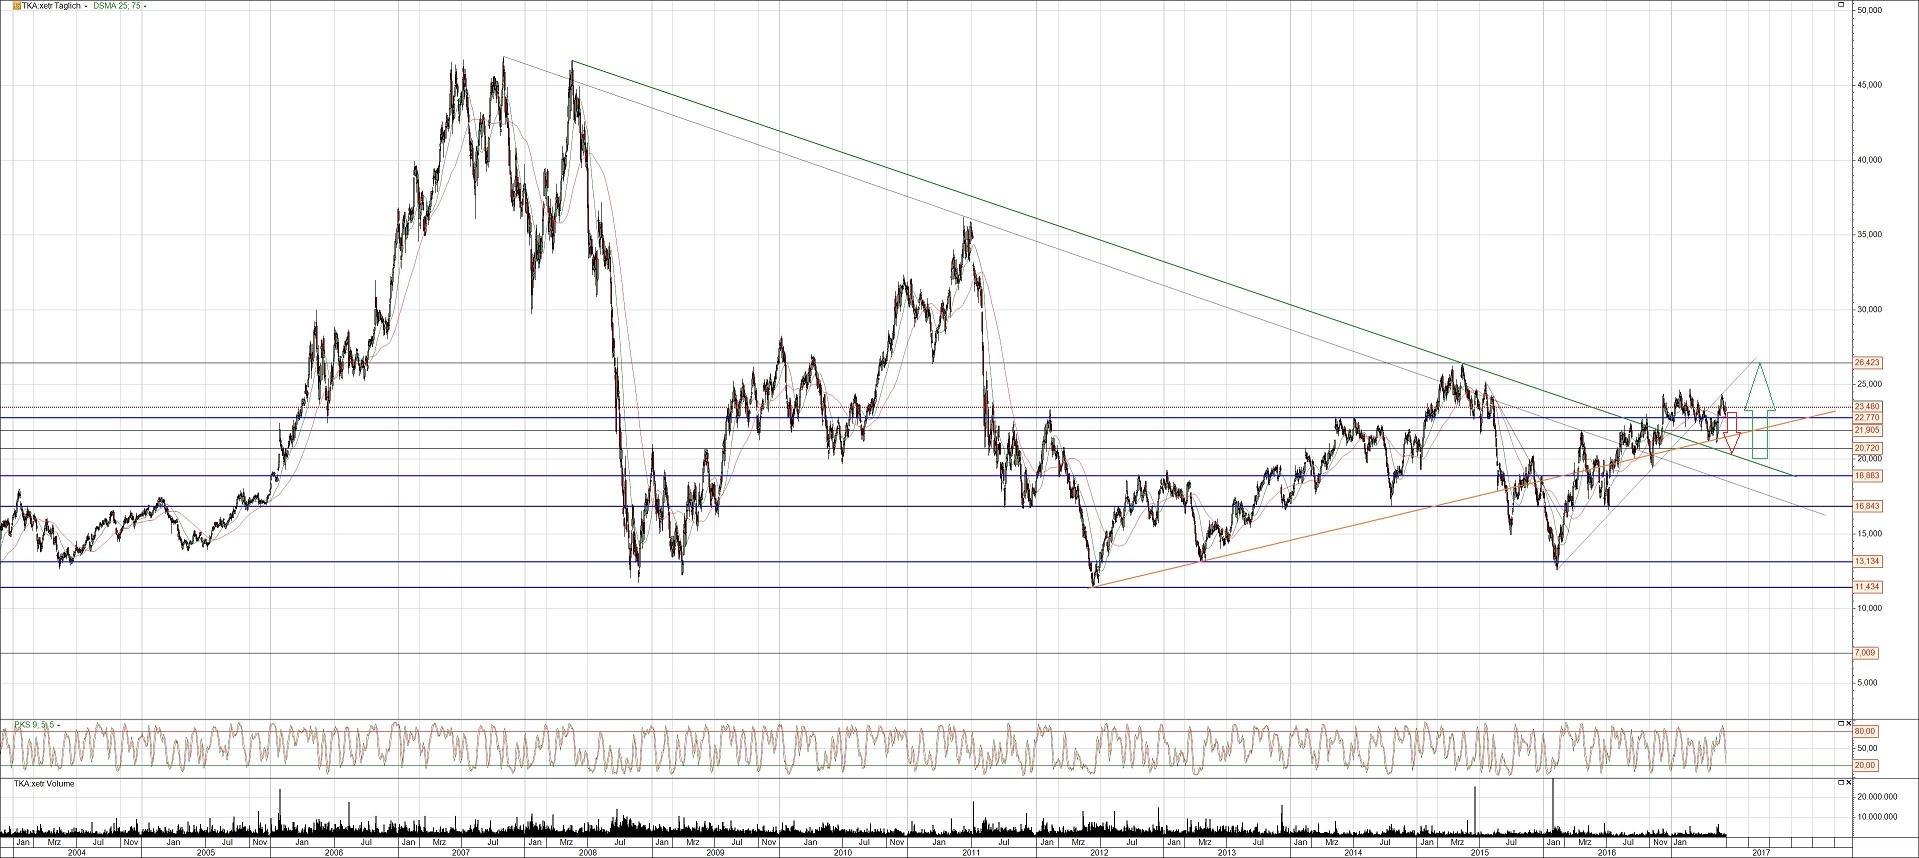 Thyssenkrupp Aktie Wirklich Jetzt Schon Kaufen Investors Inside